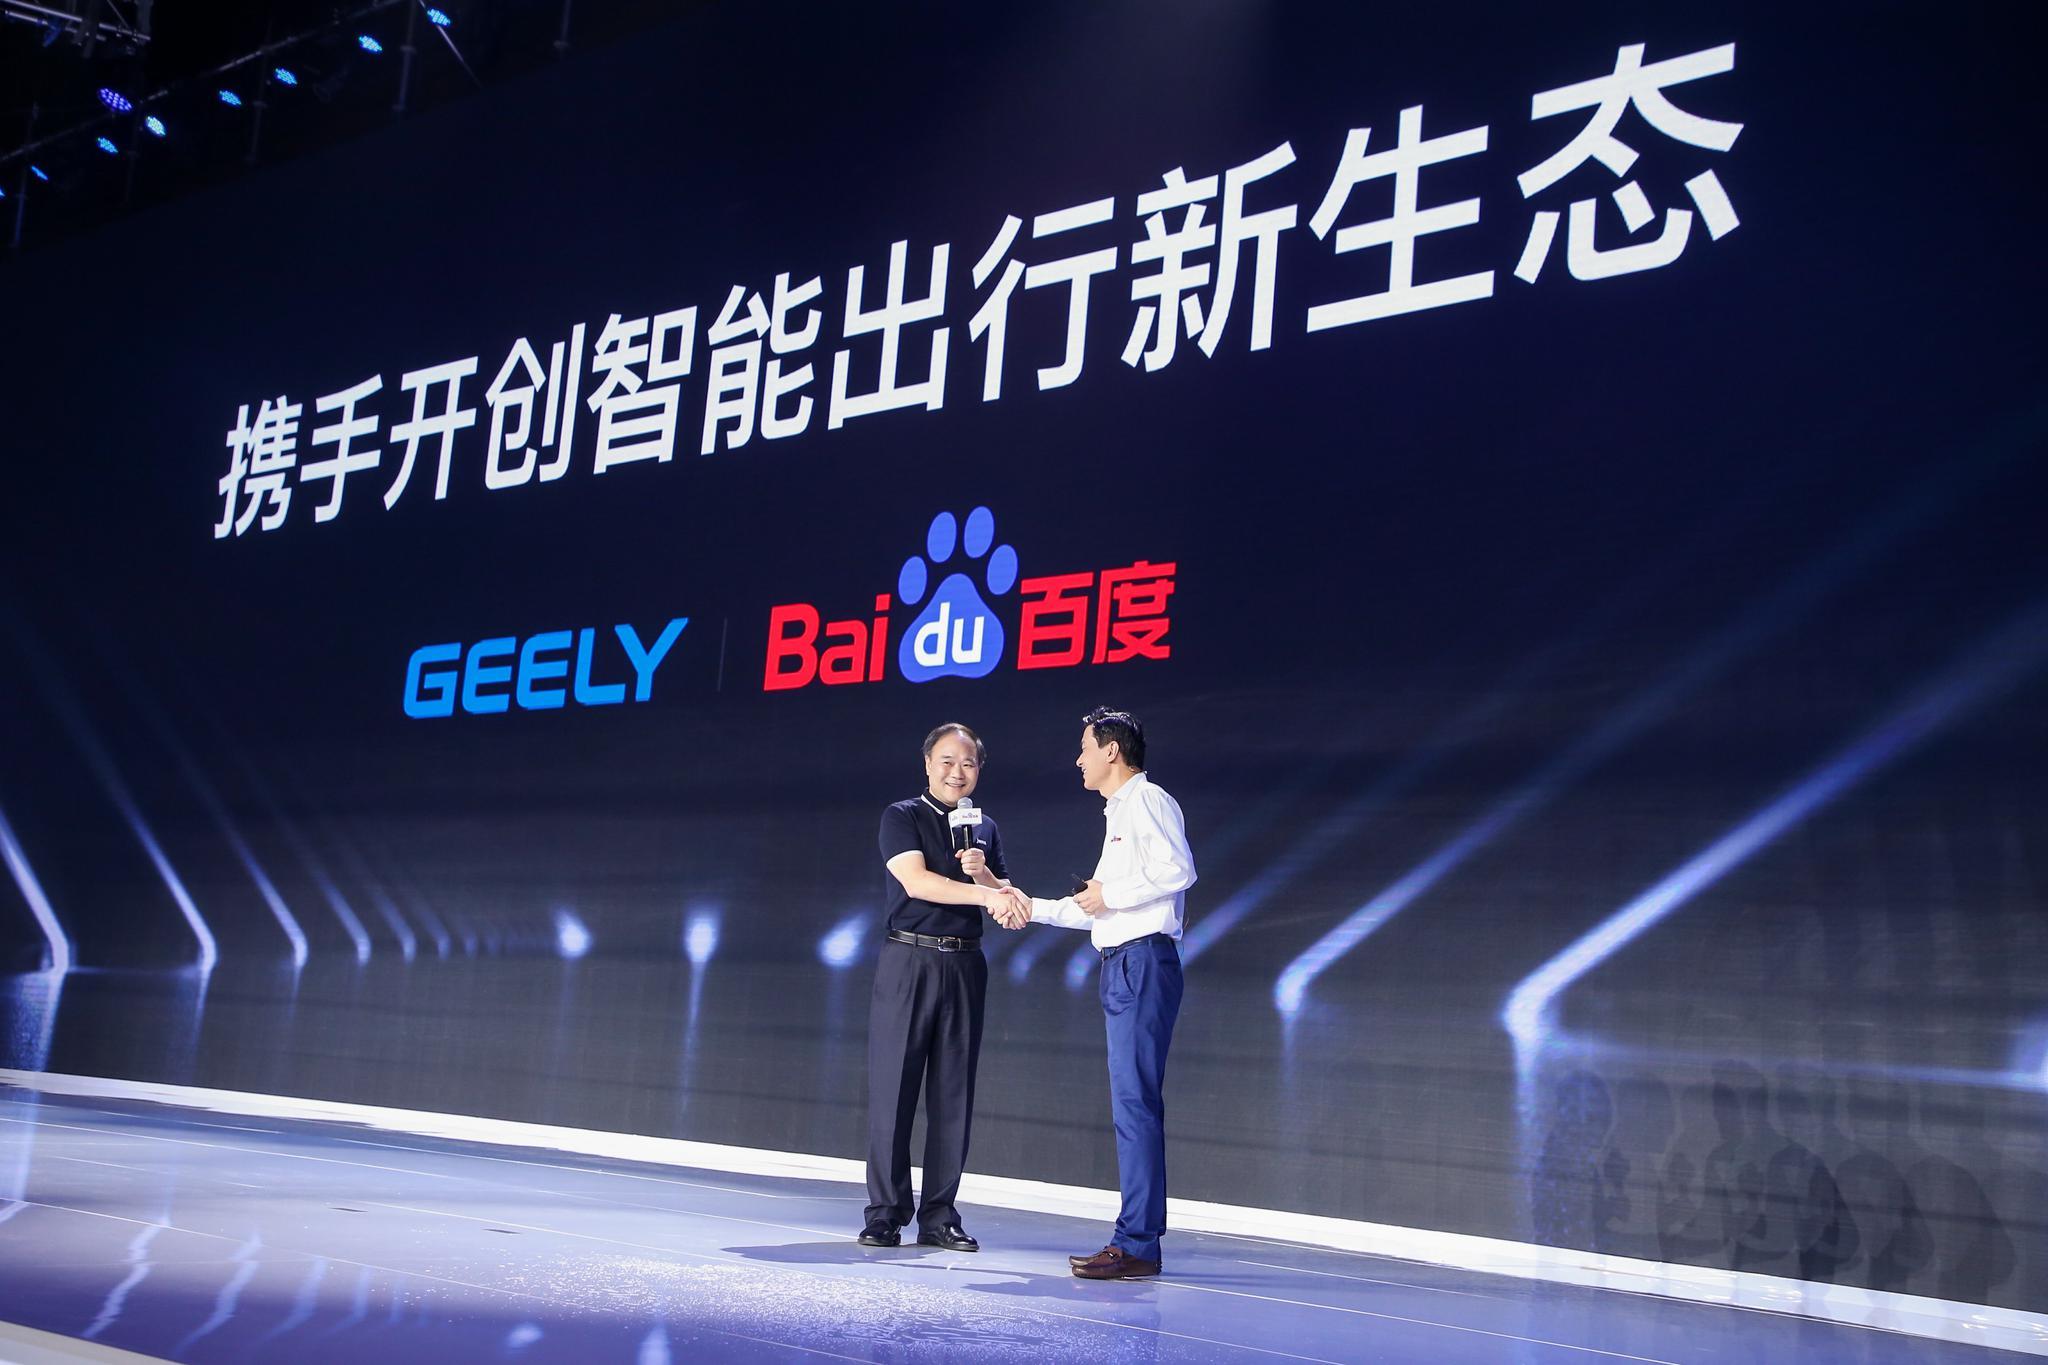 http://www.weixinrensheng.com/kejika/606122.html